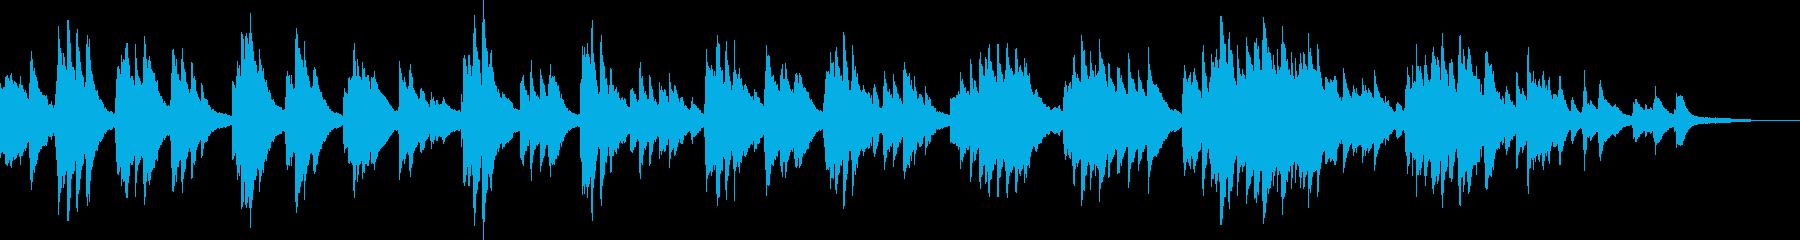 優しくて落ち着く、幻想的なピアノバラードの再生済みの波形